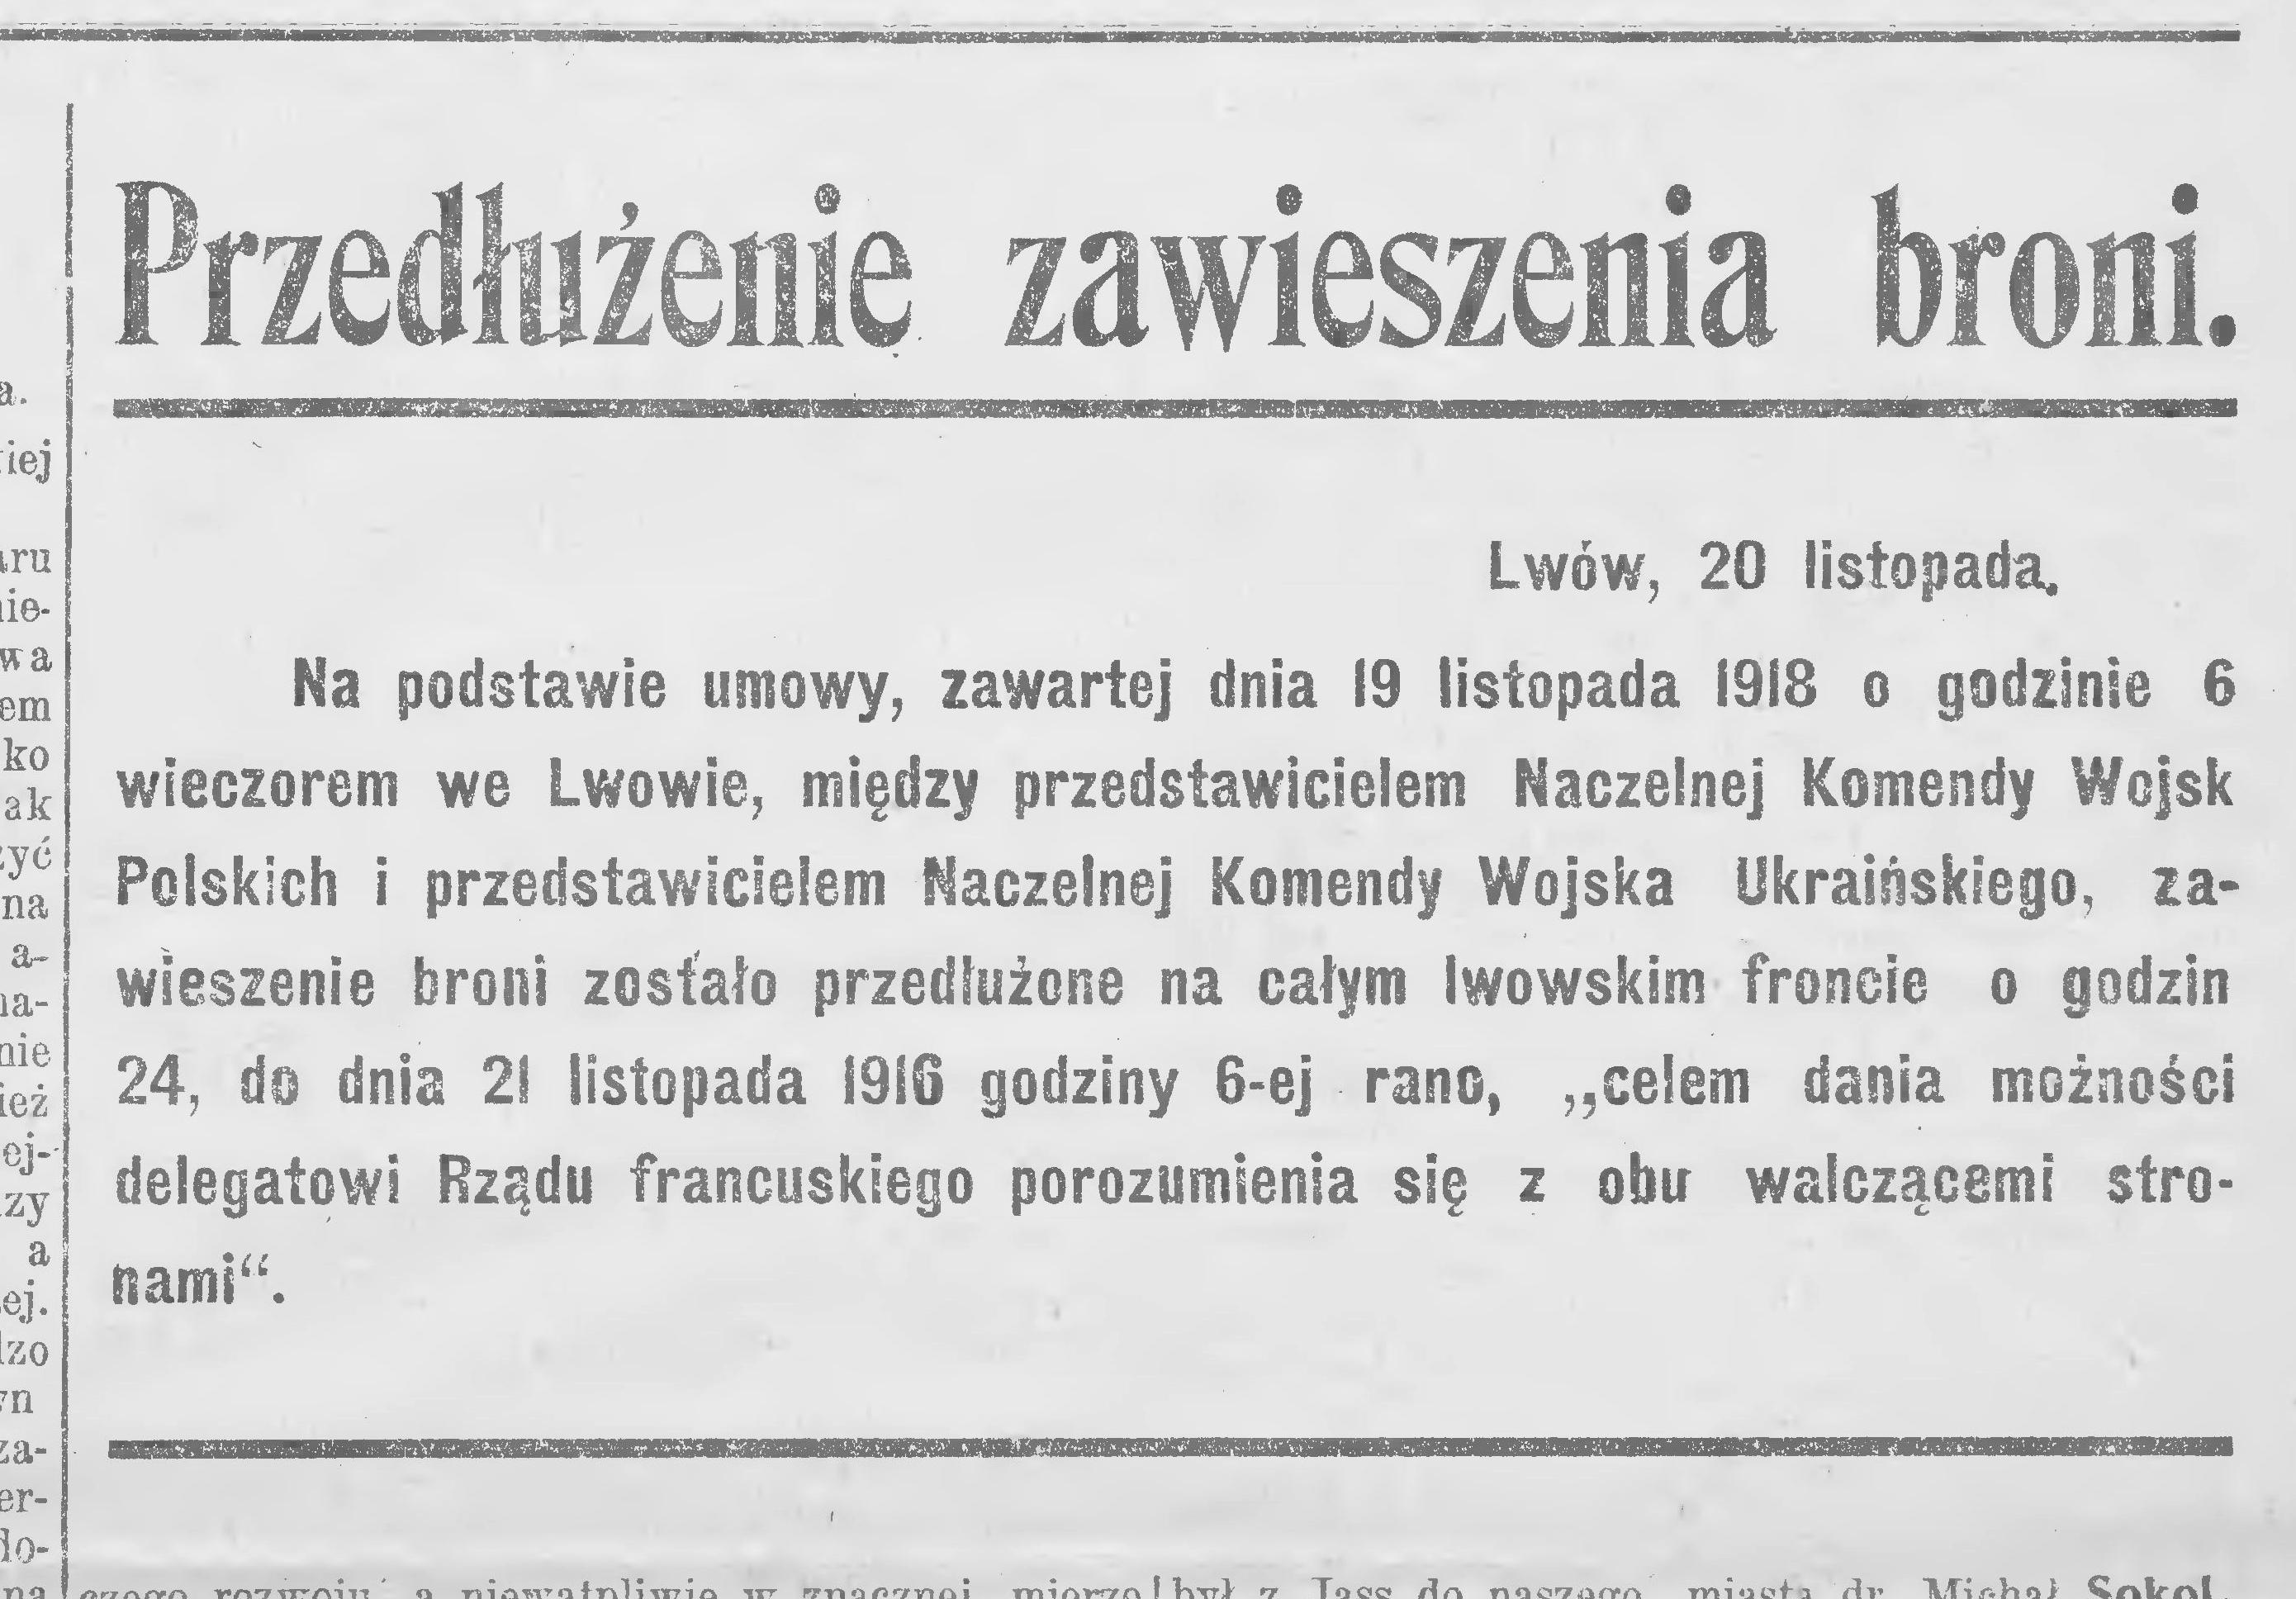 """Zawiadomienie w gazecie """"Pobudka"""" z dnia 20 listopada 1918 roku o utrzymaniu pokoju."""